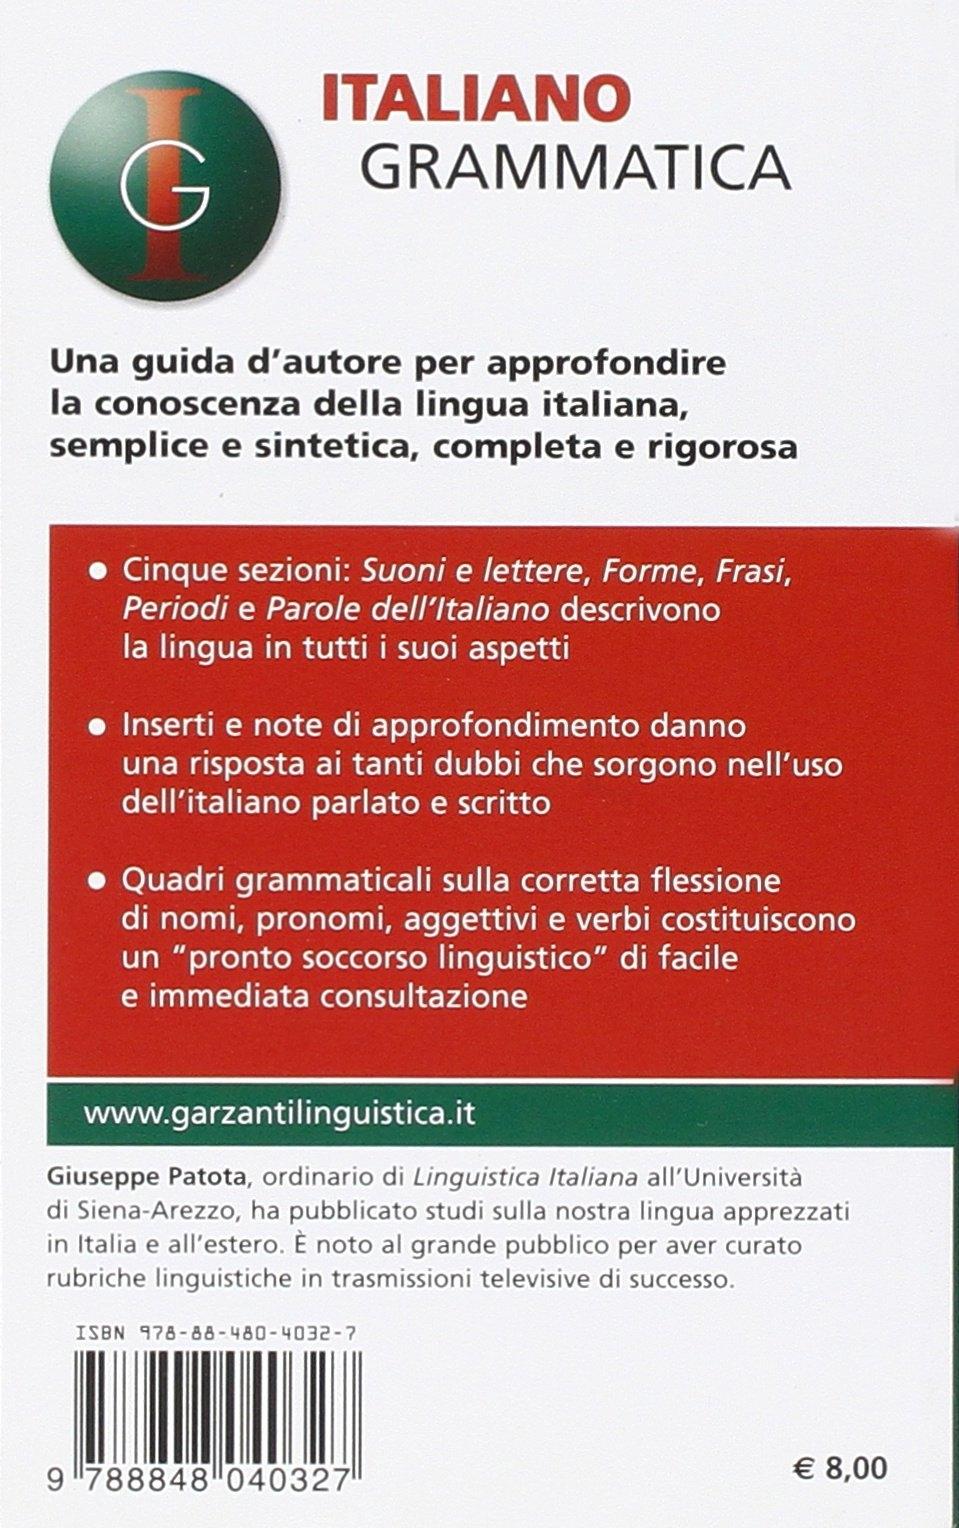 Italiano grammatica.